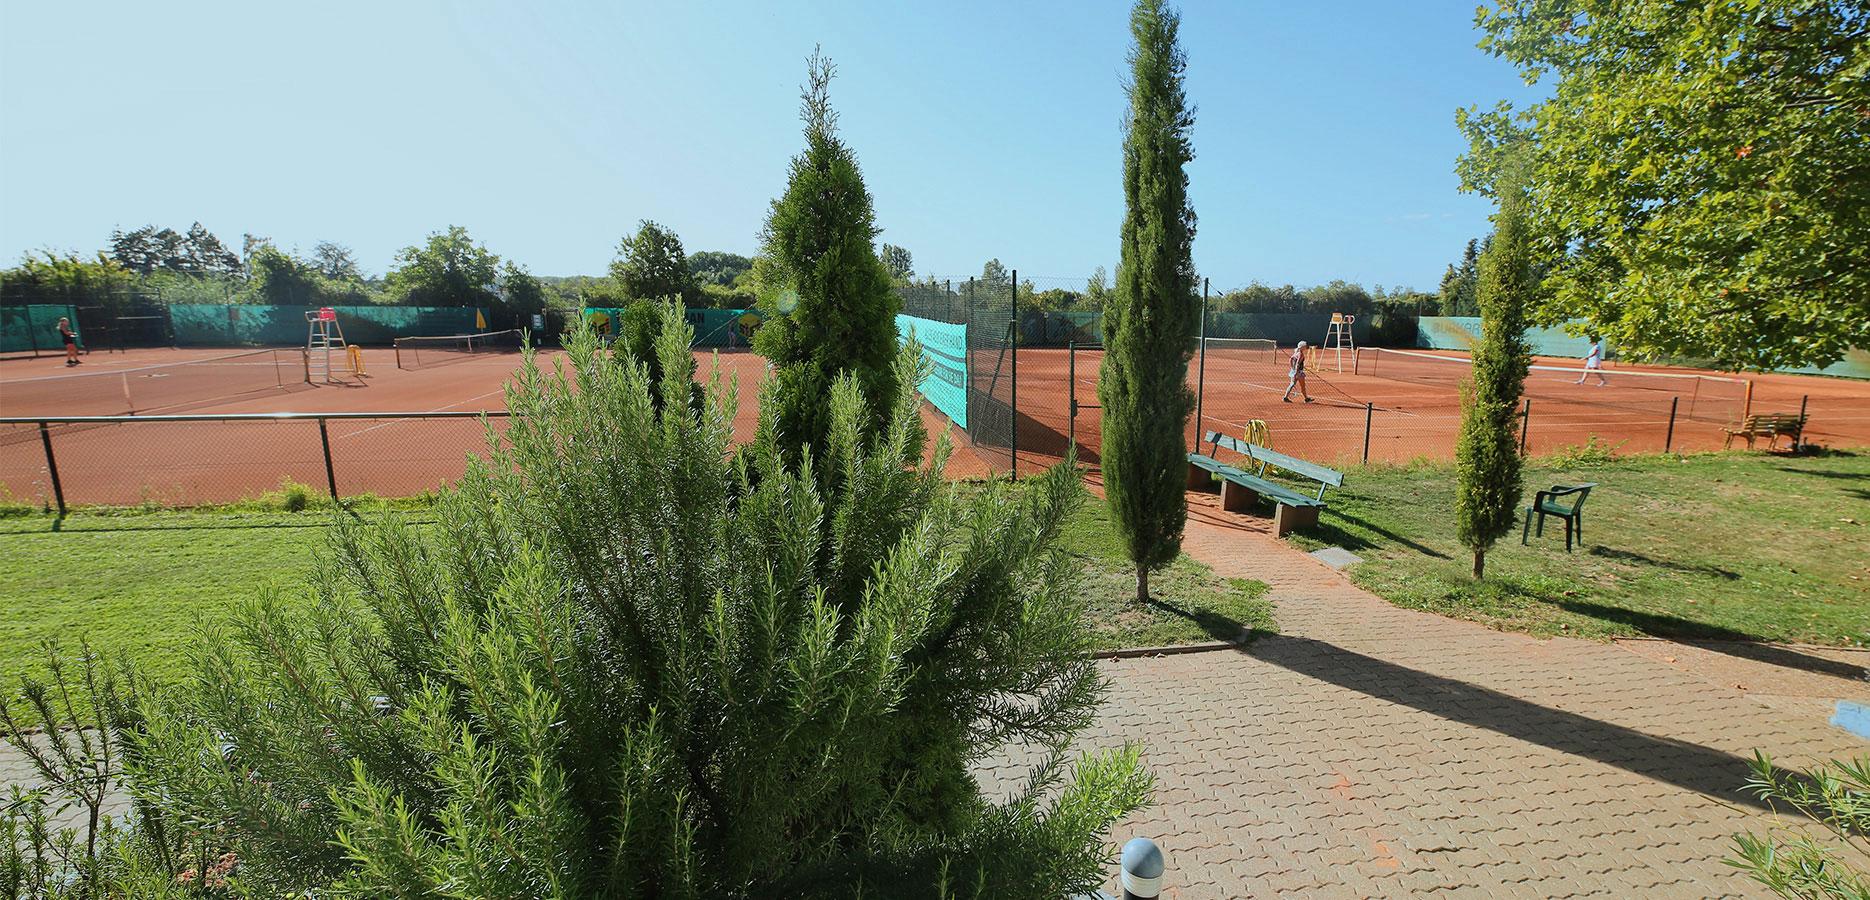 tennisclub-oppau-tennis-in-ludwigshafen-galerie-6